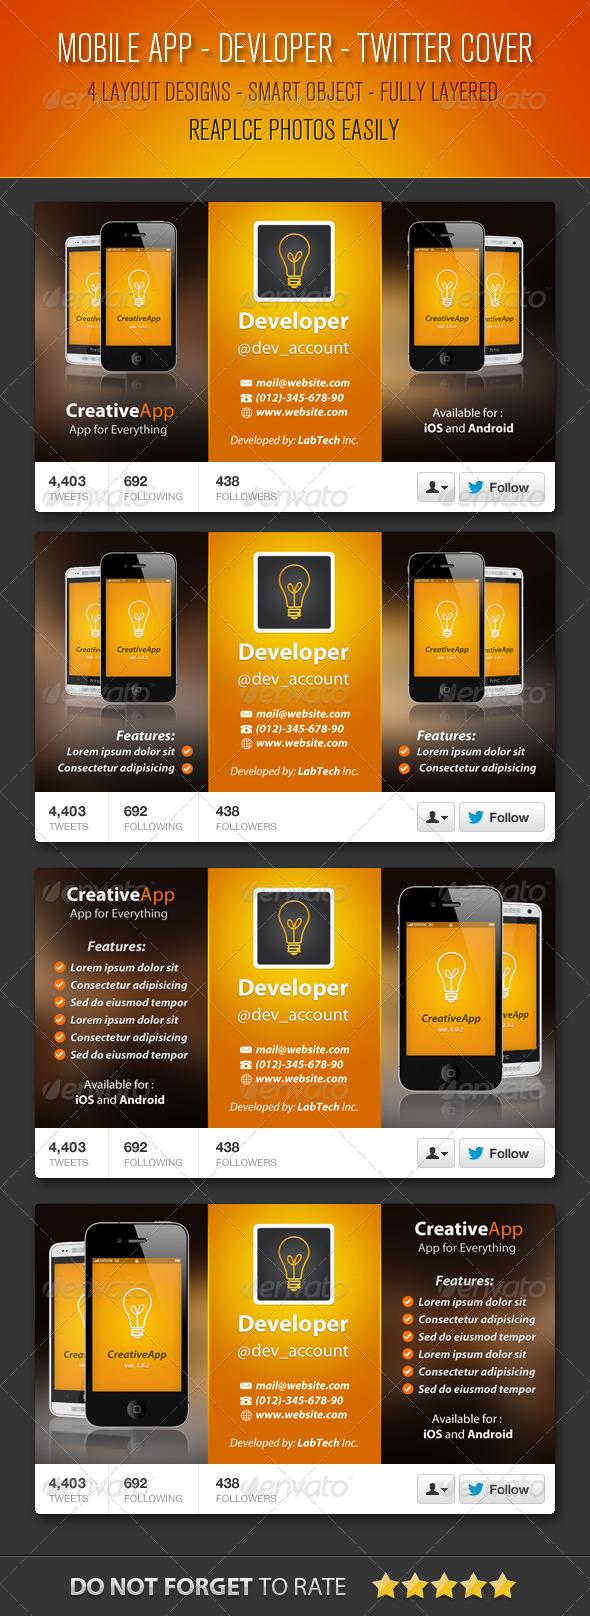 mobile app developer twitter cover twitter social media